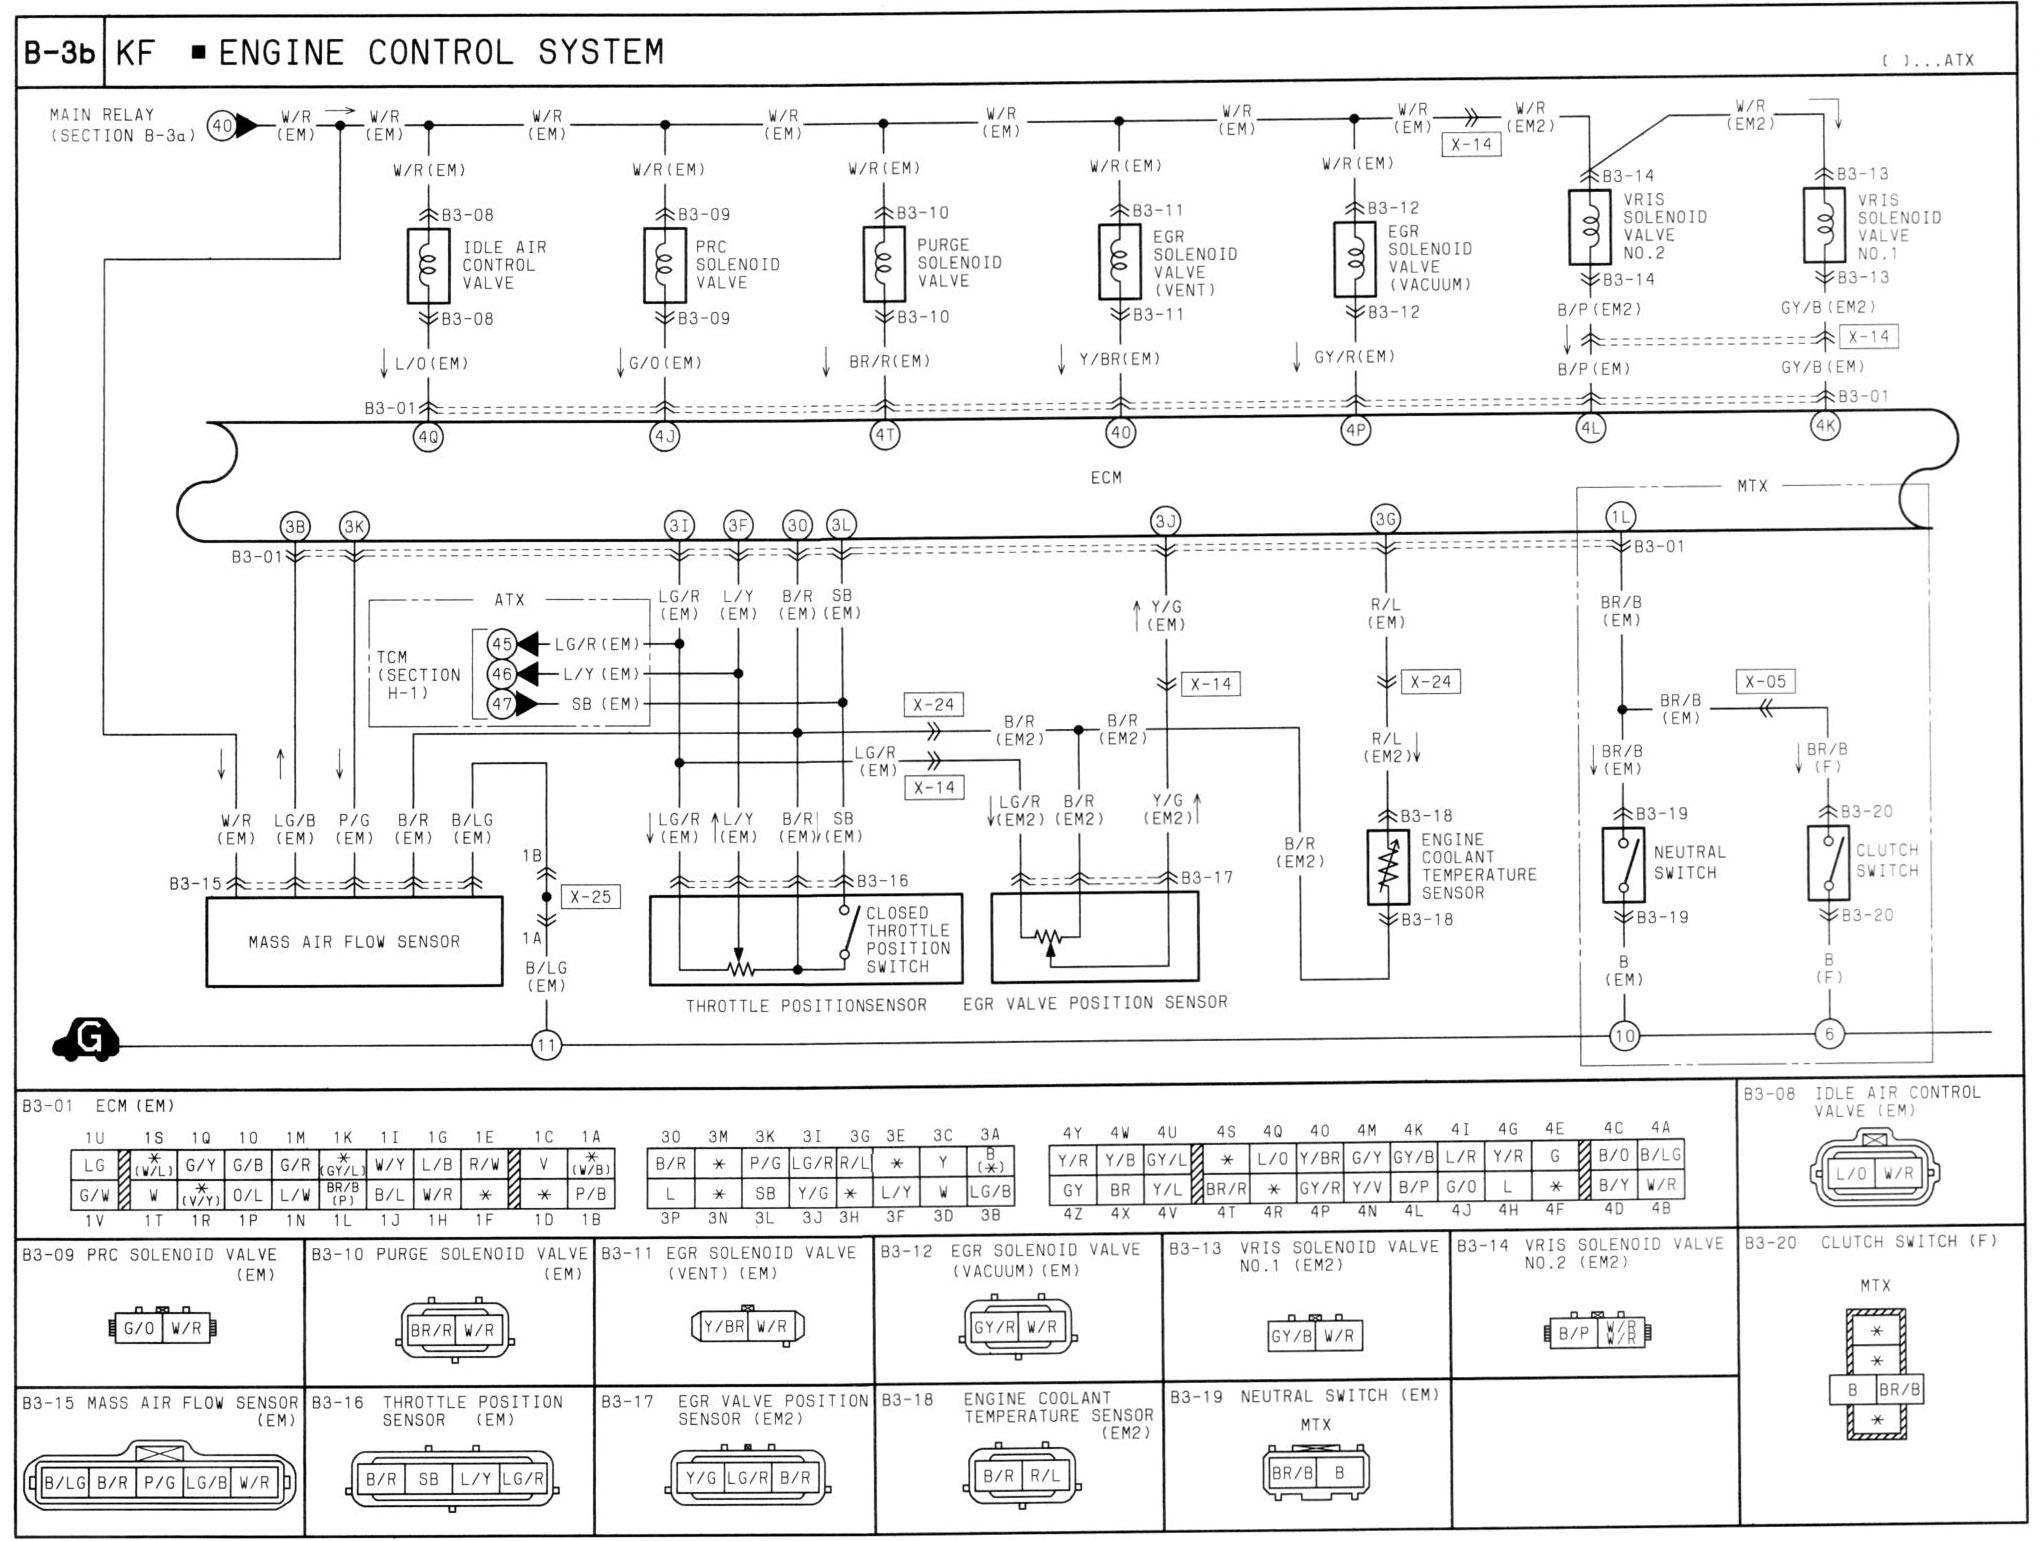 ford lynx wiring diagram house wiring diagram symbols u2022 rh mollusksurfshopnyc com Ford Ignition System Wiring Diagram Ford E-150 Wiring-Diagram